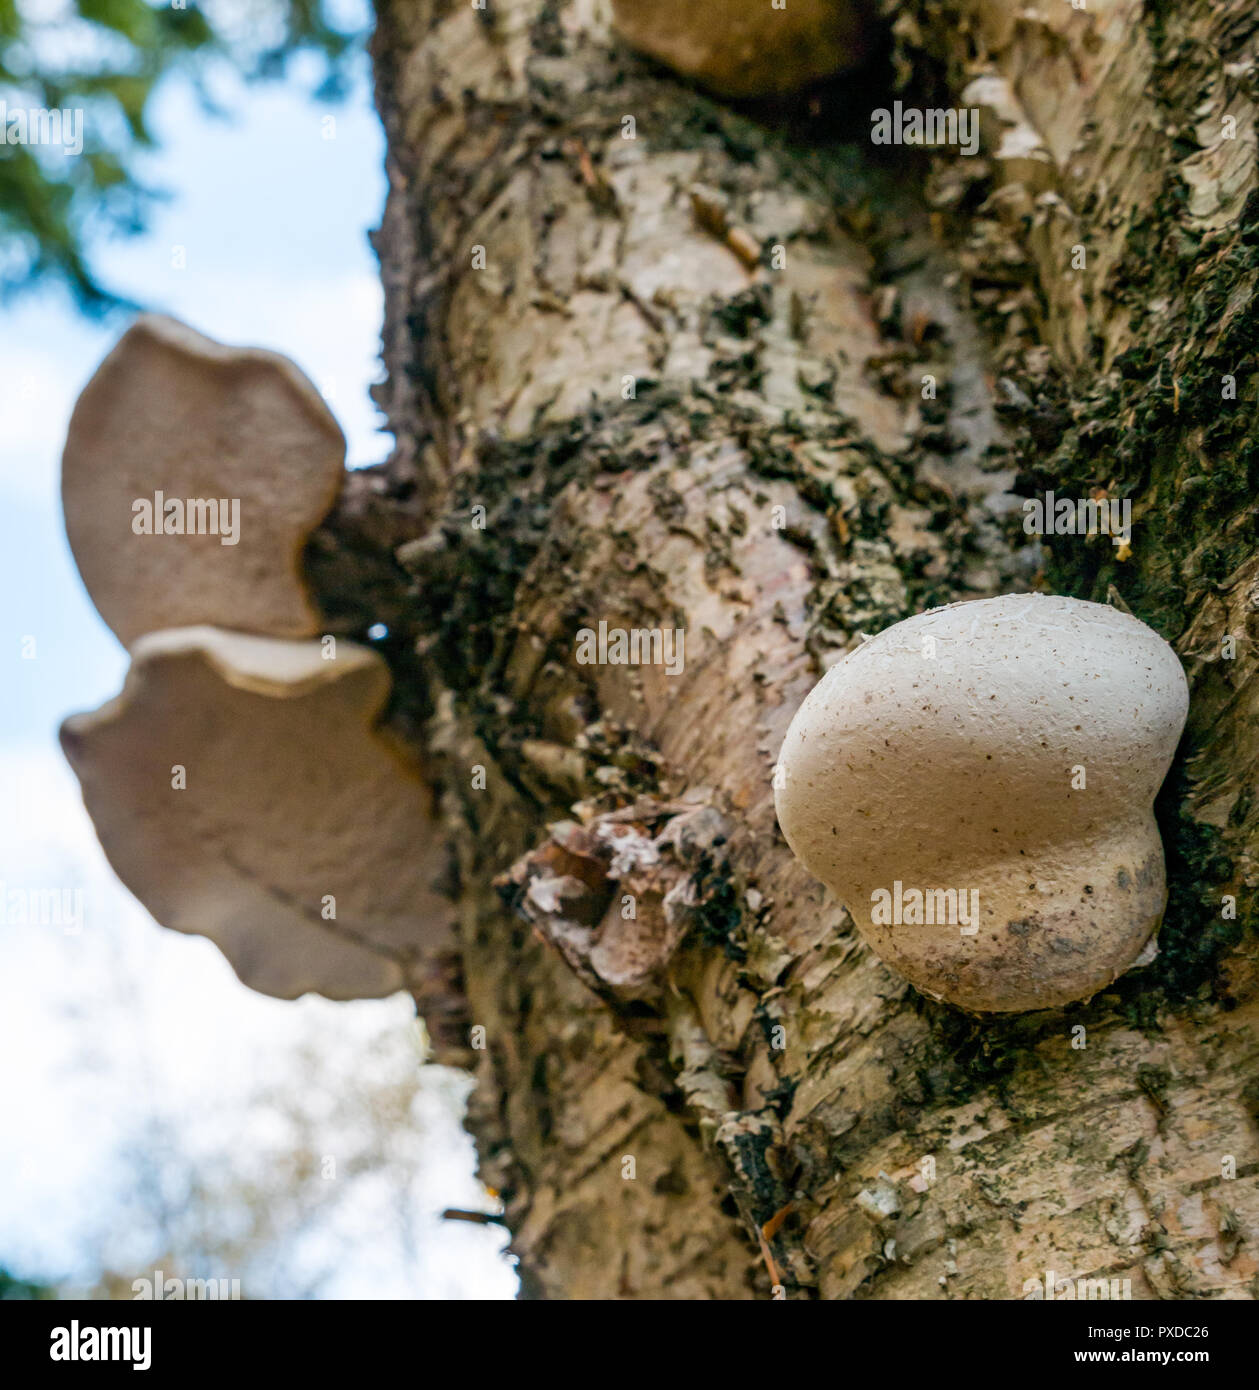 fungus-gorwing-on-dead-birch-tree-trunk-